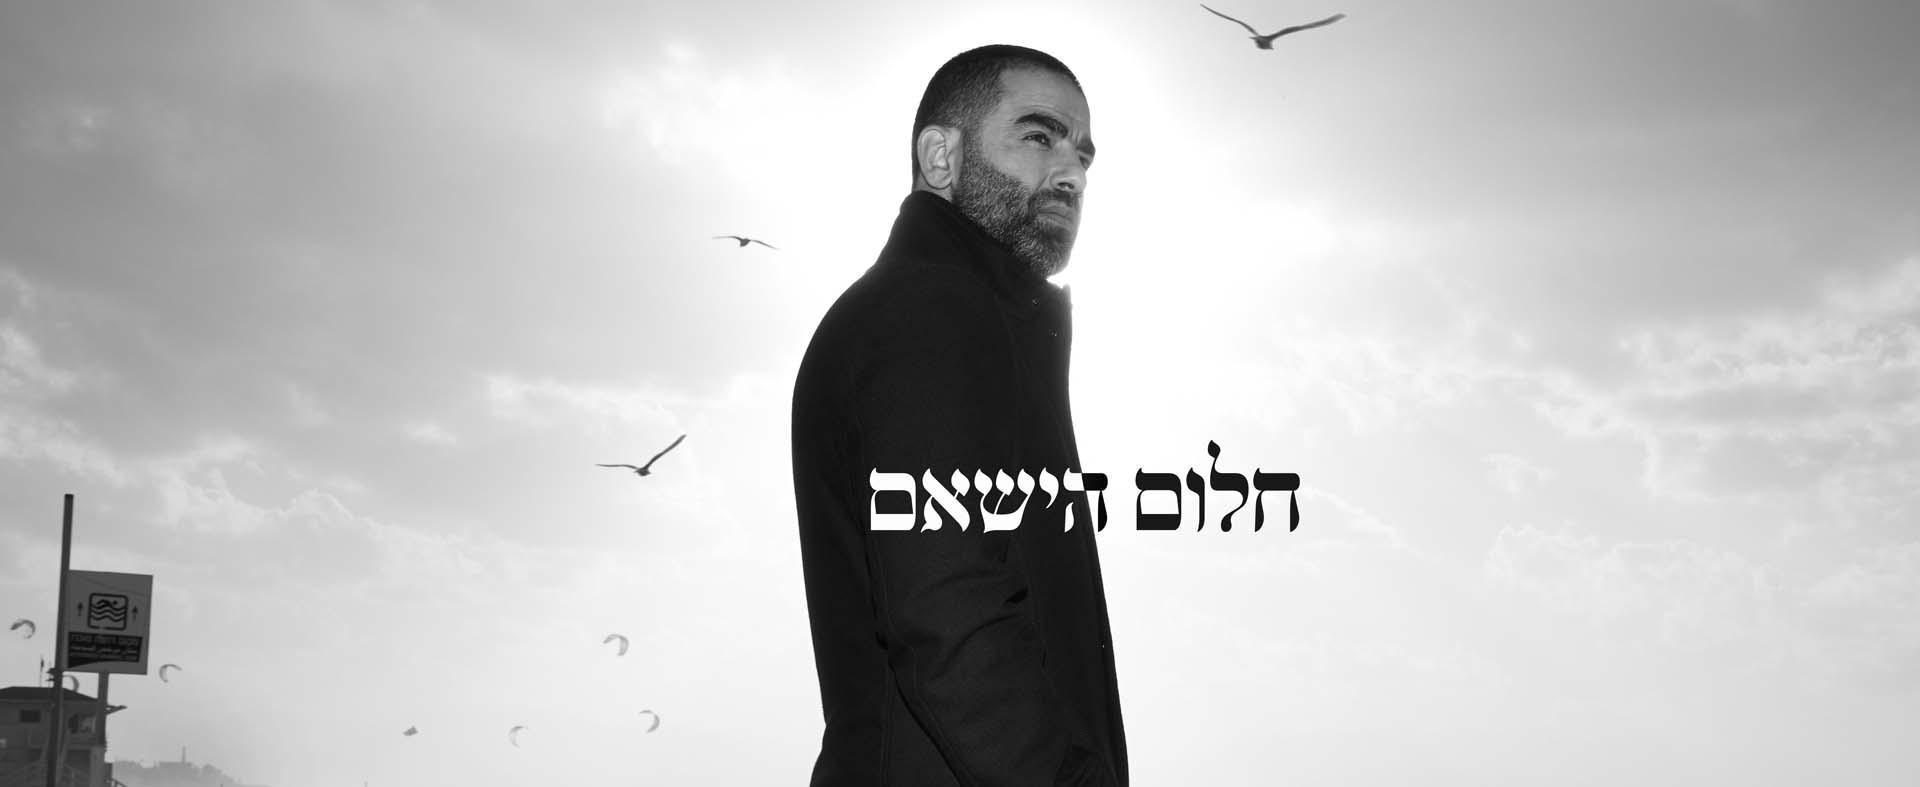 הישאם סולימאן, هشام فضل سليمان, הישאם סלימאן, צילום אלכס פרגמנט - 1